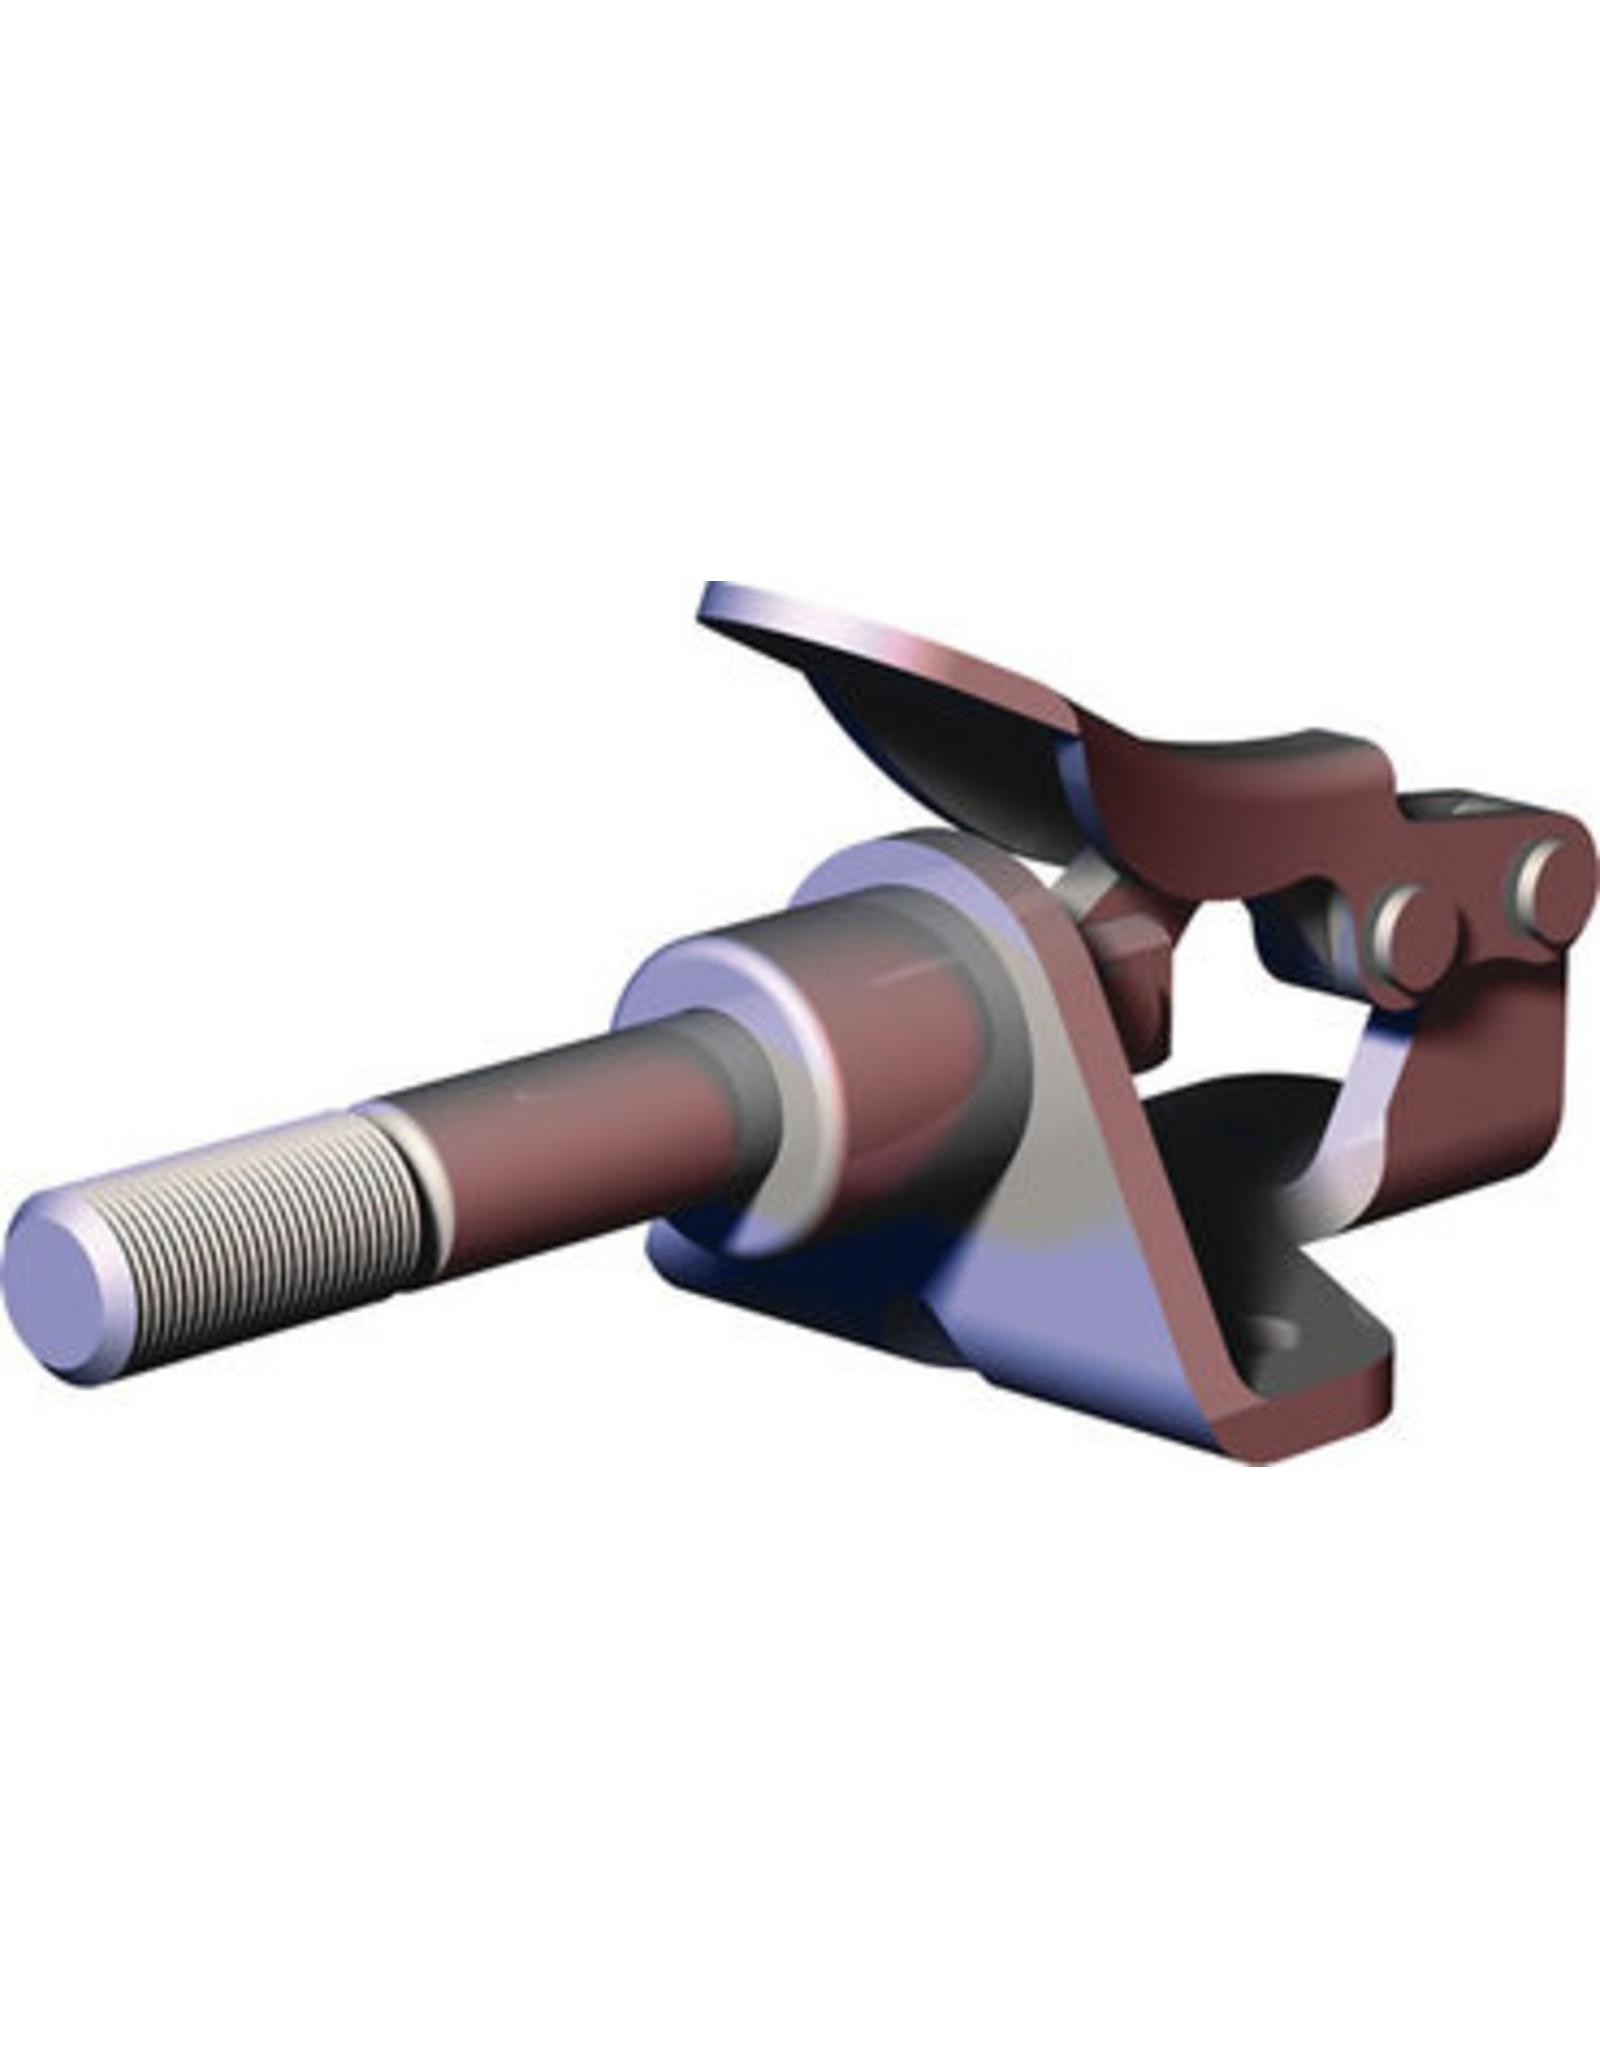 Schuifstangspanner 601-OSS